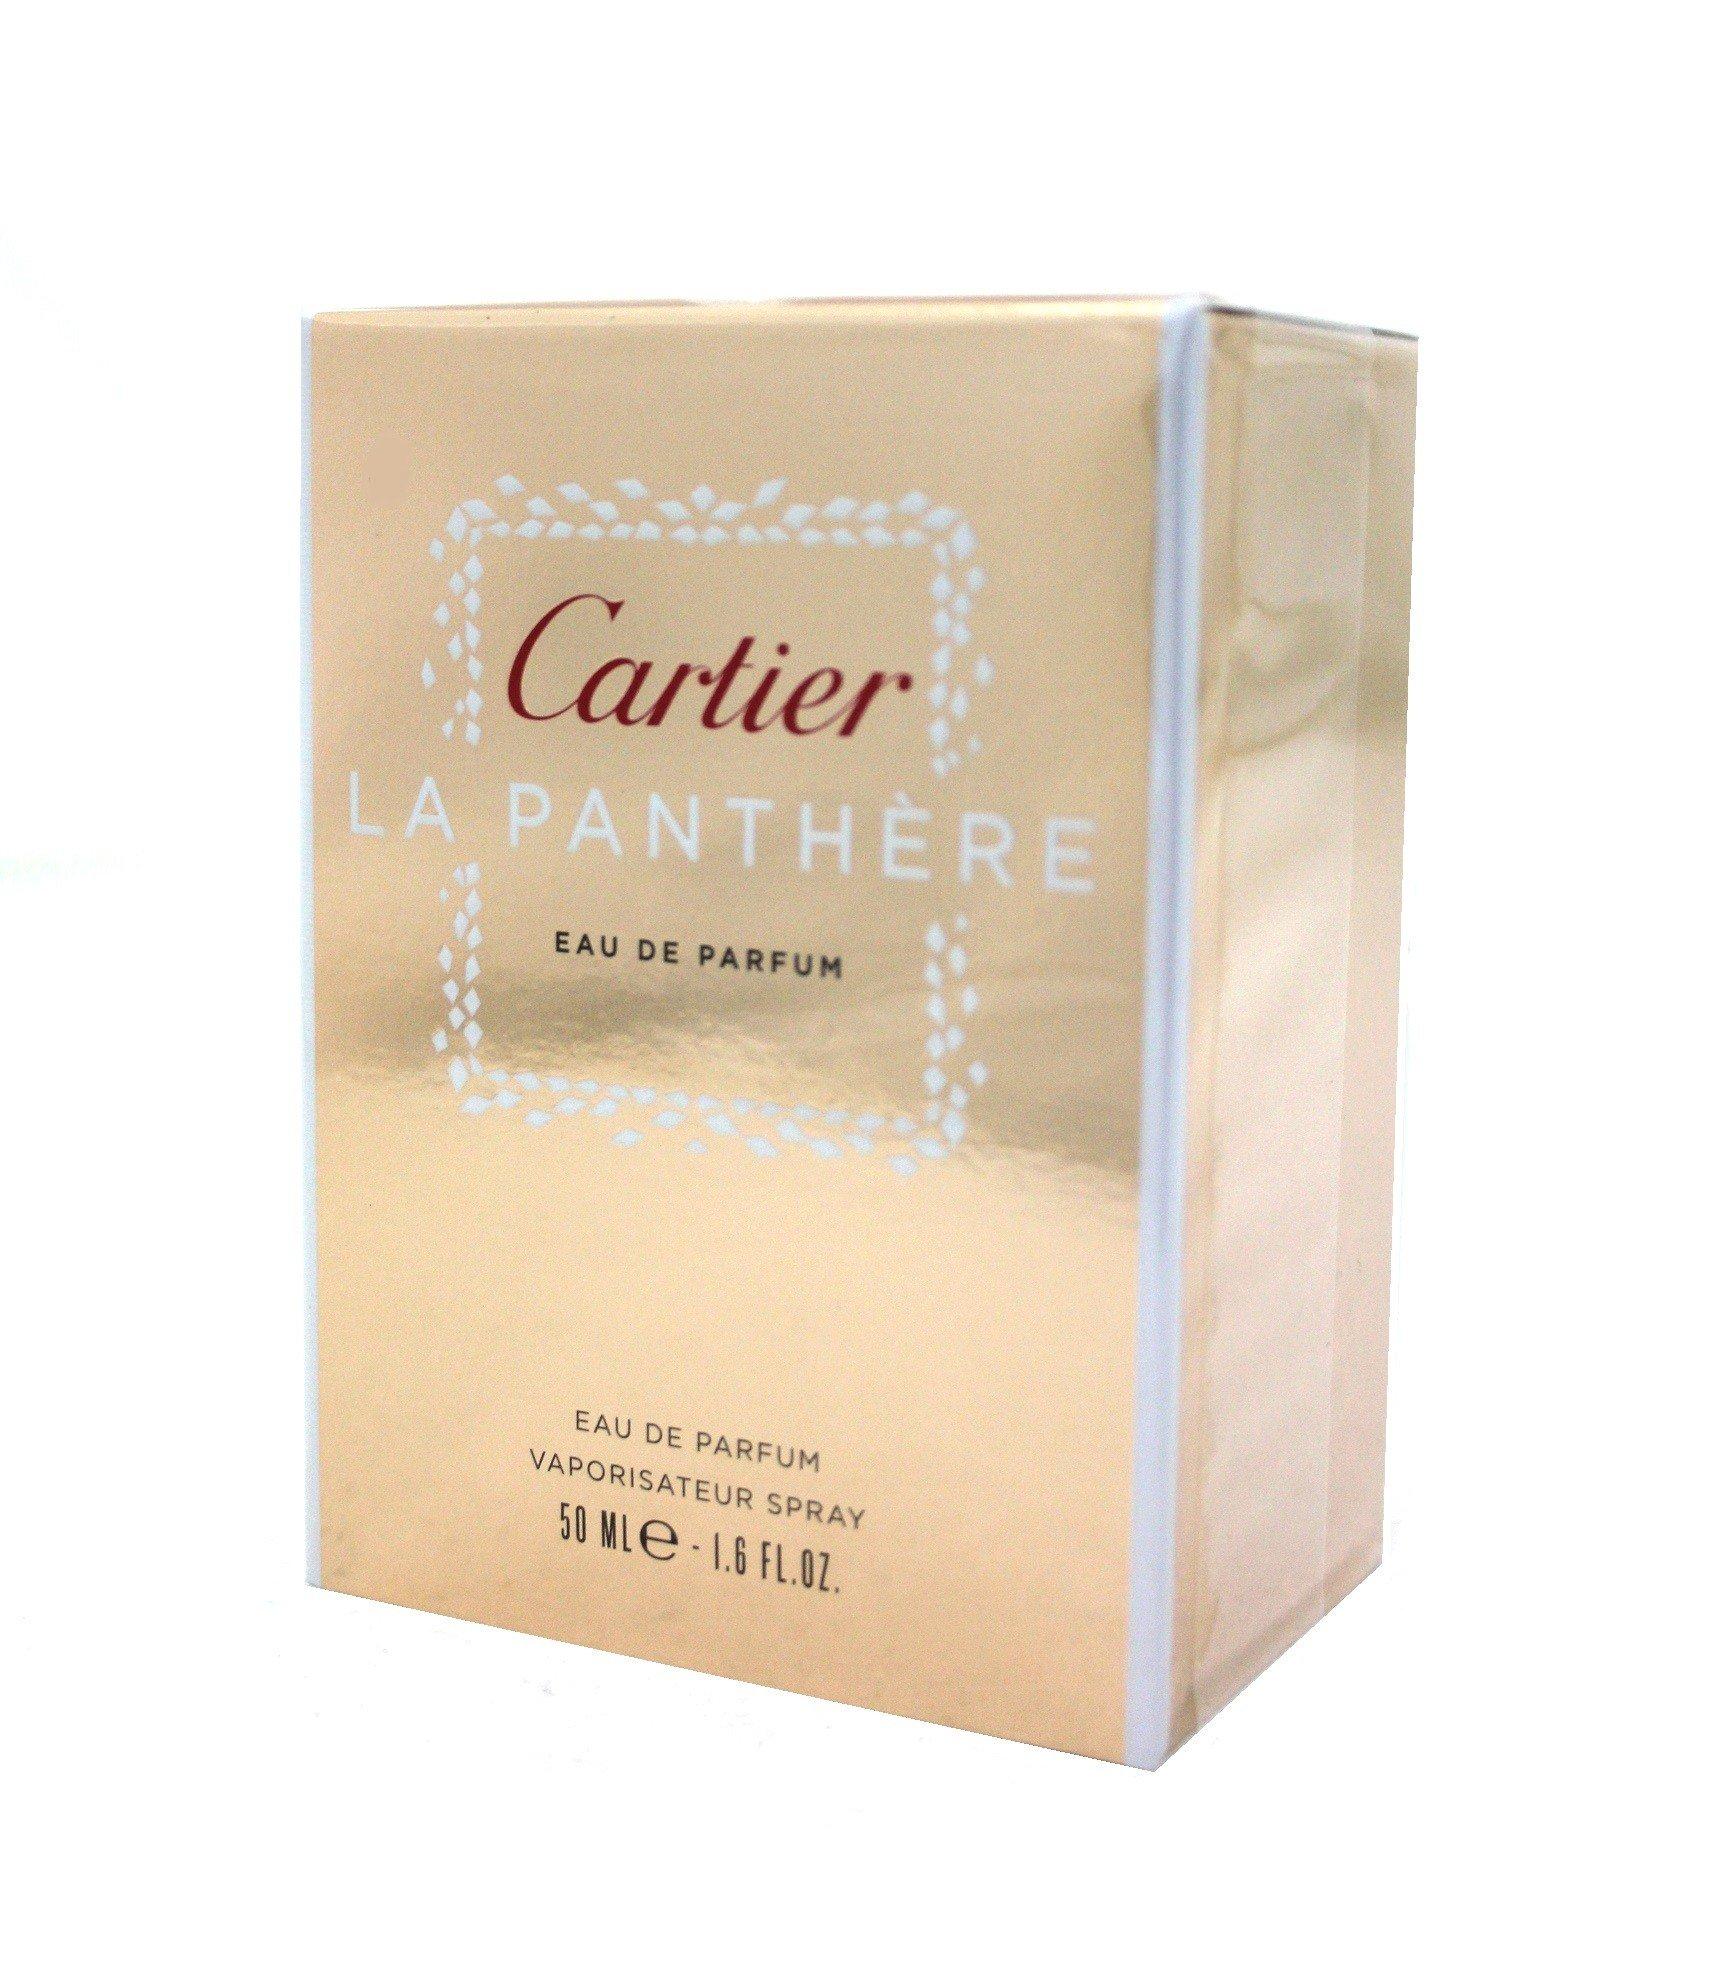 Cartier La Panthere Eau de Parfum